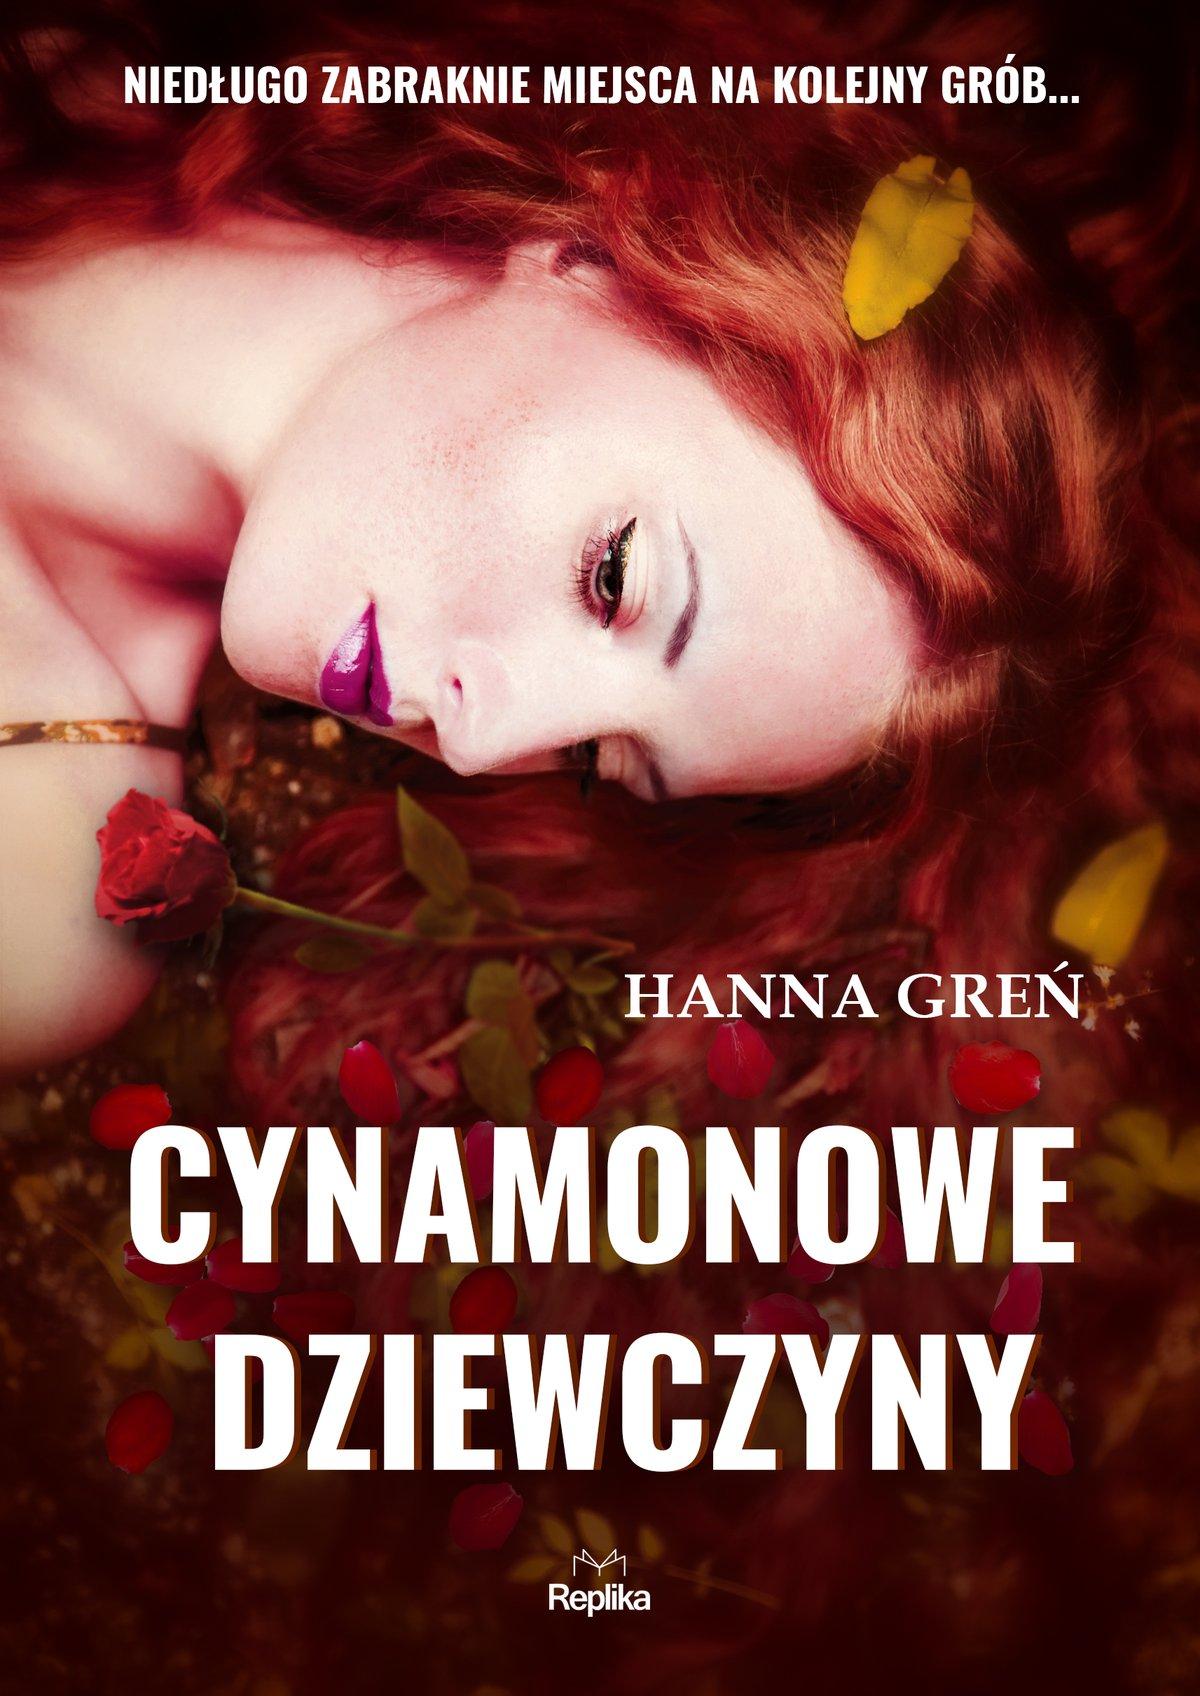 Cynamonowe dziewczyny - Ebook (Książka EPUB) do pobrania w formacie EPUB